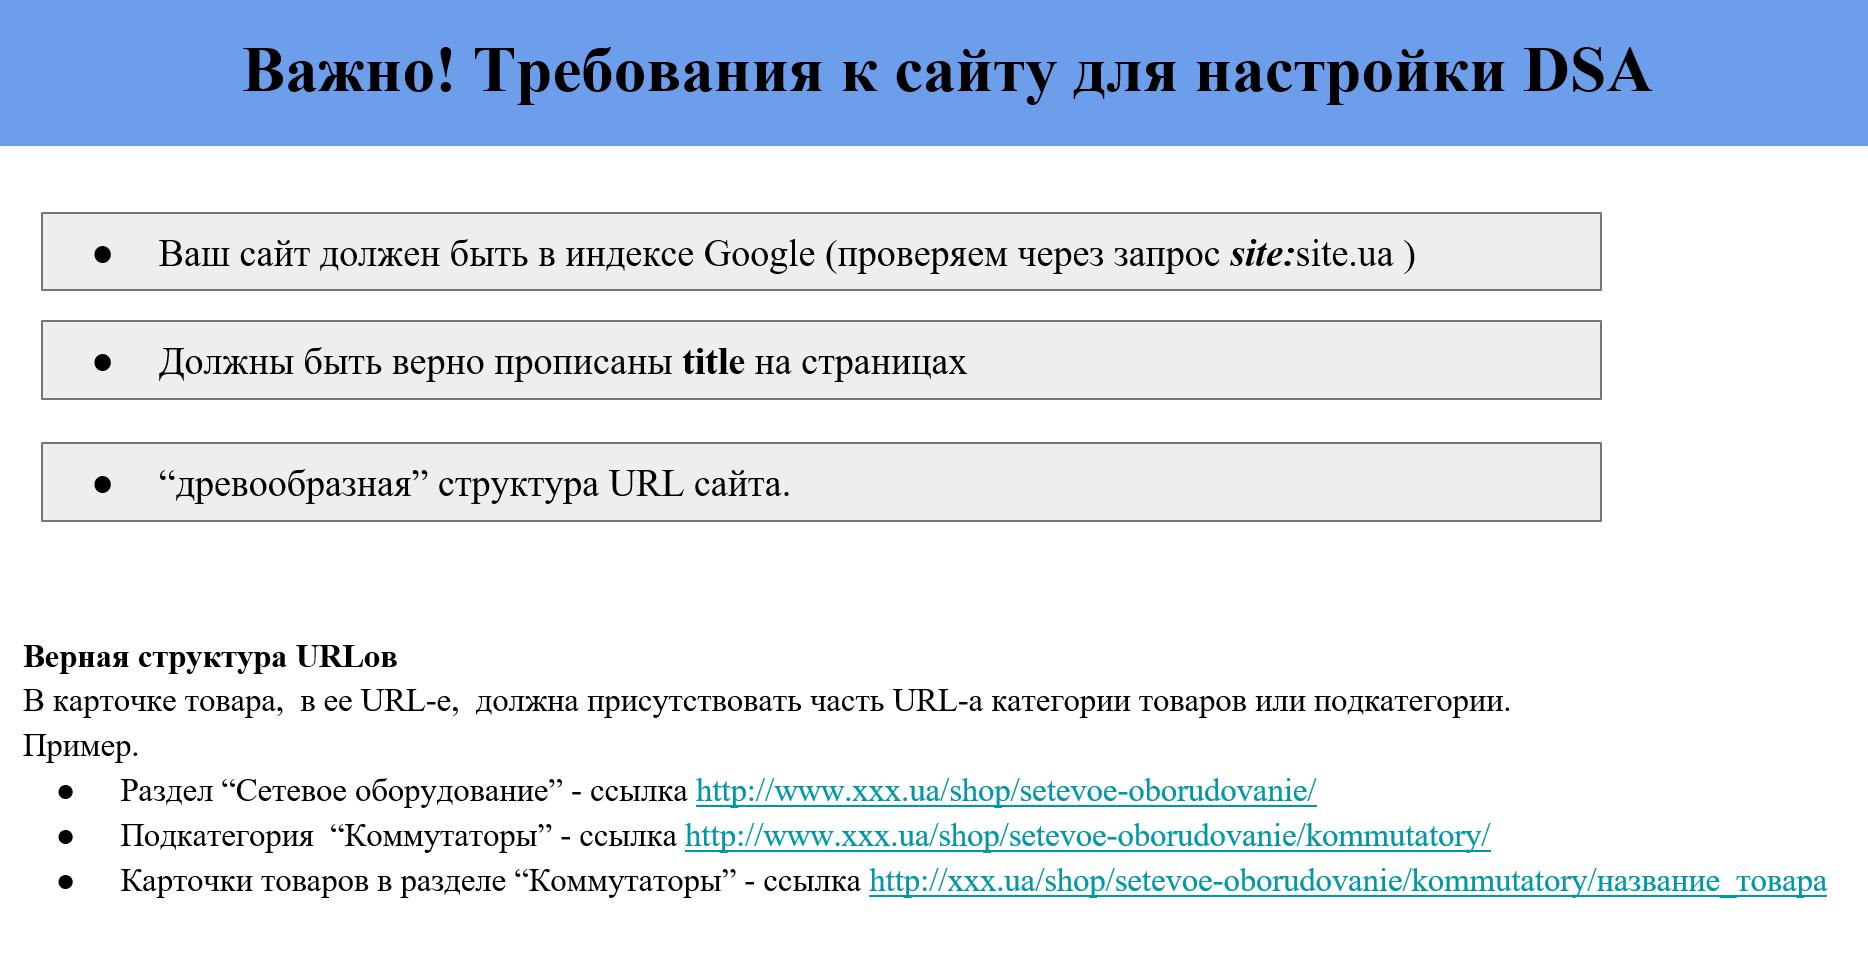 Требования к сайту для настройки DSA